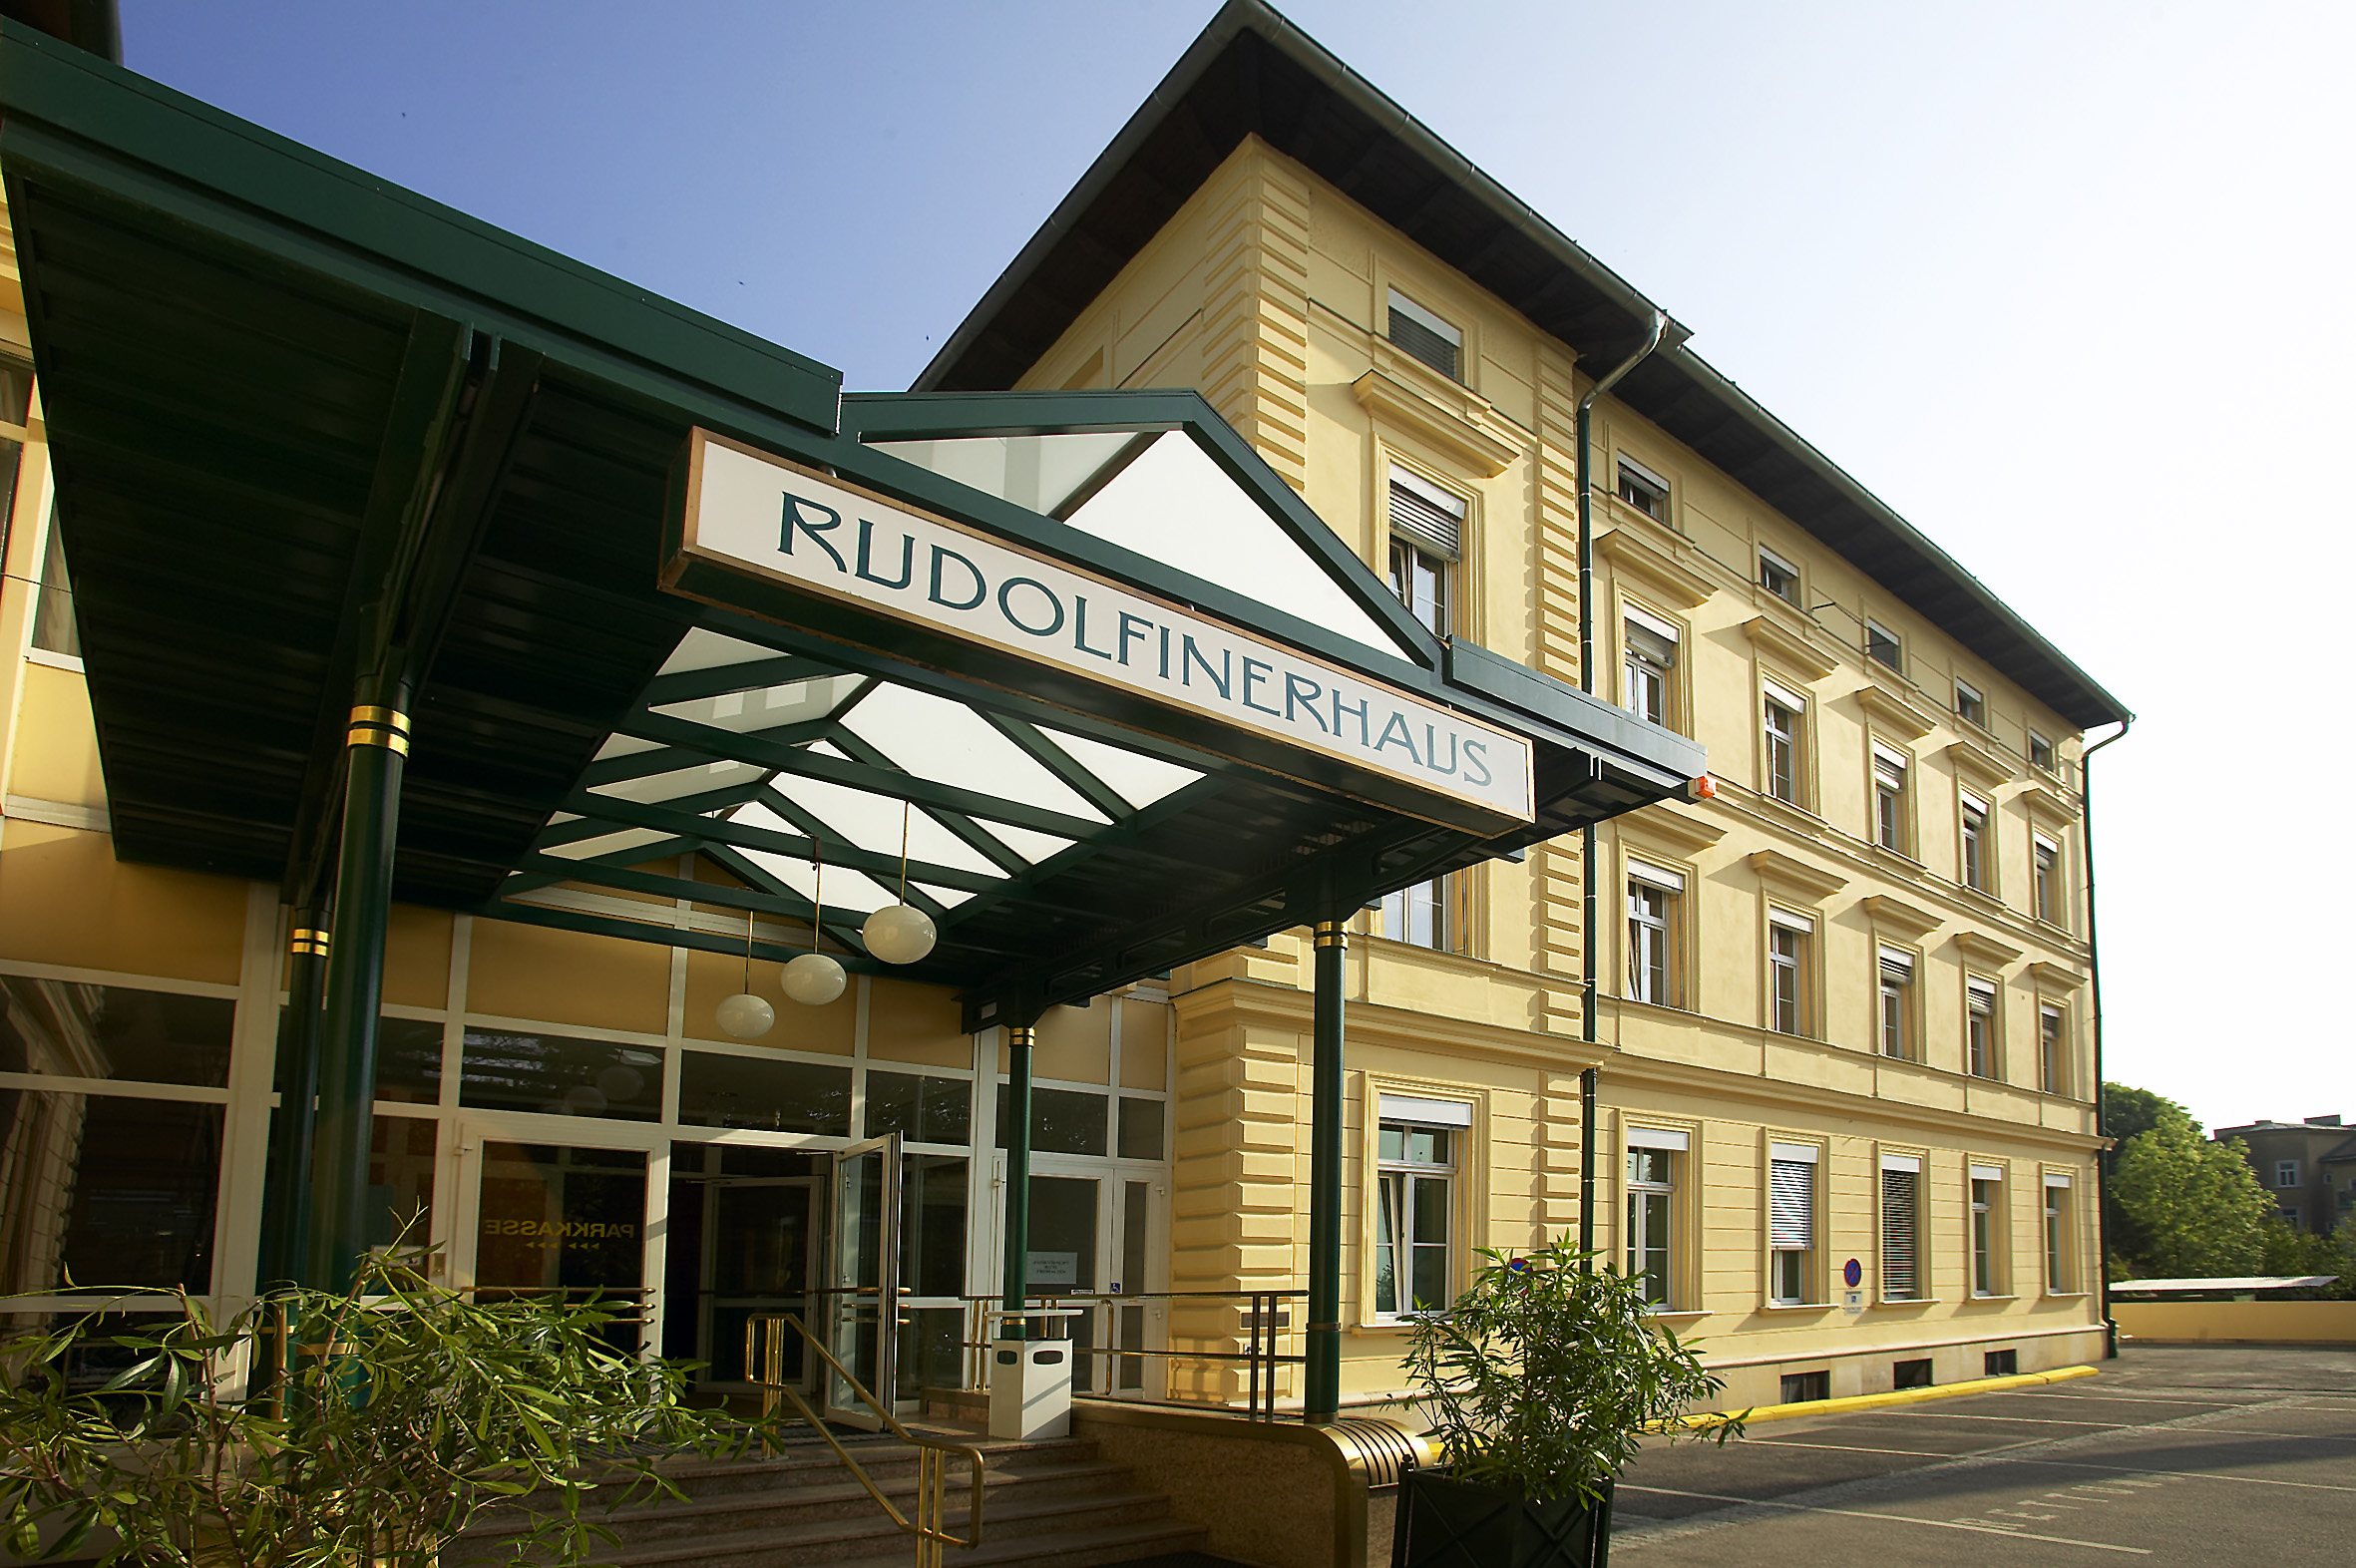 Rudolfinerhaus-modern-hospitals